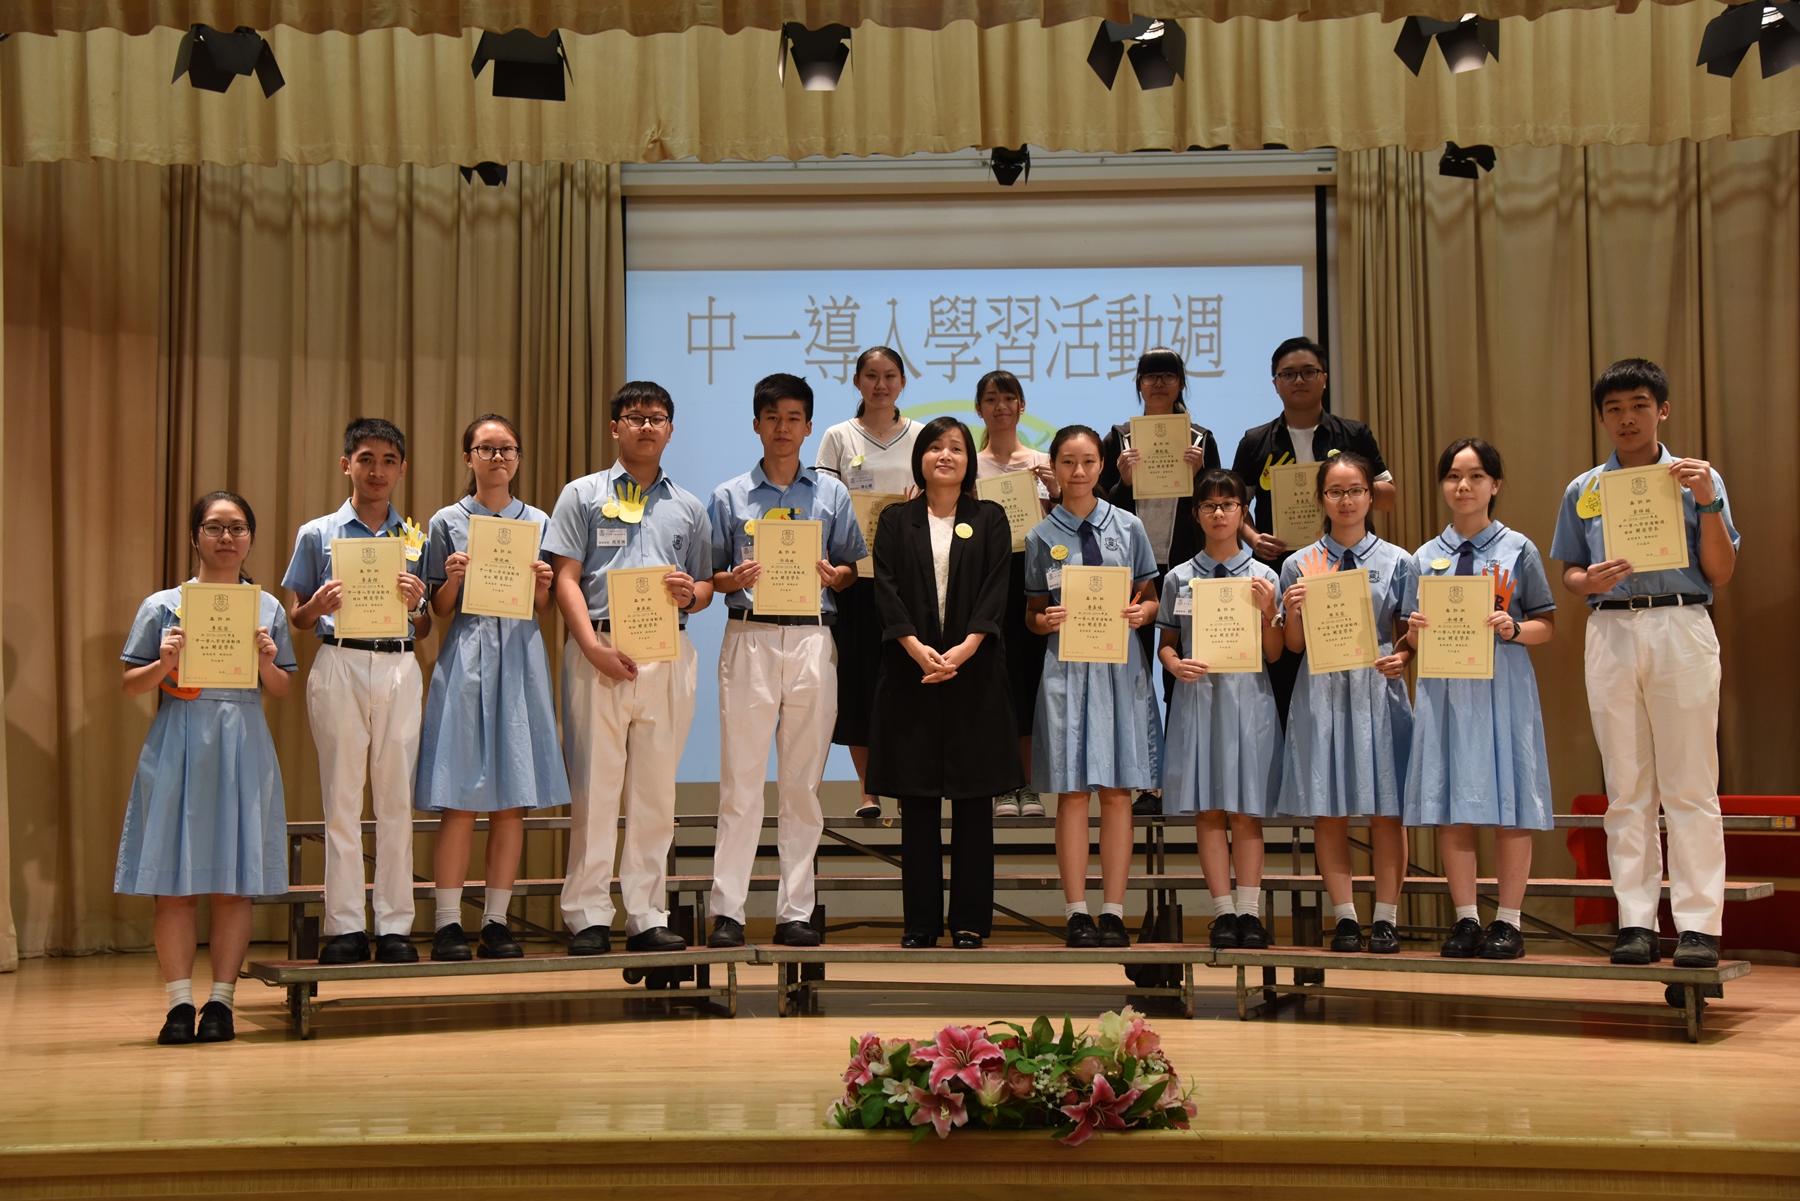 https://www.npc.edu.hk/sites/default/files/dsc_5115.jpg